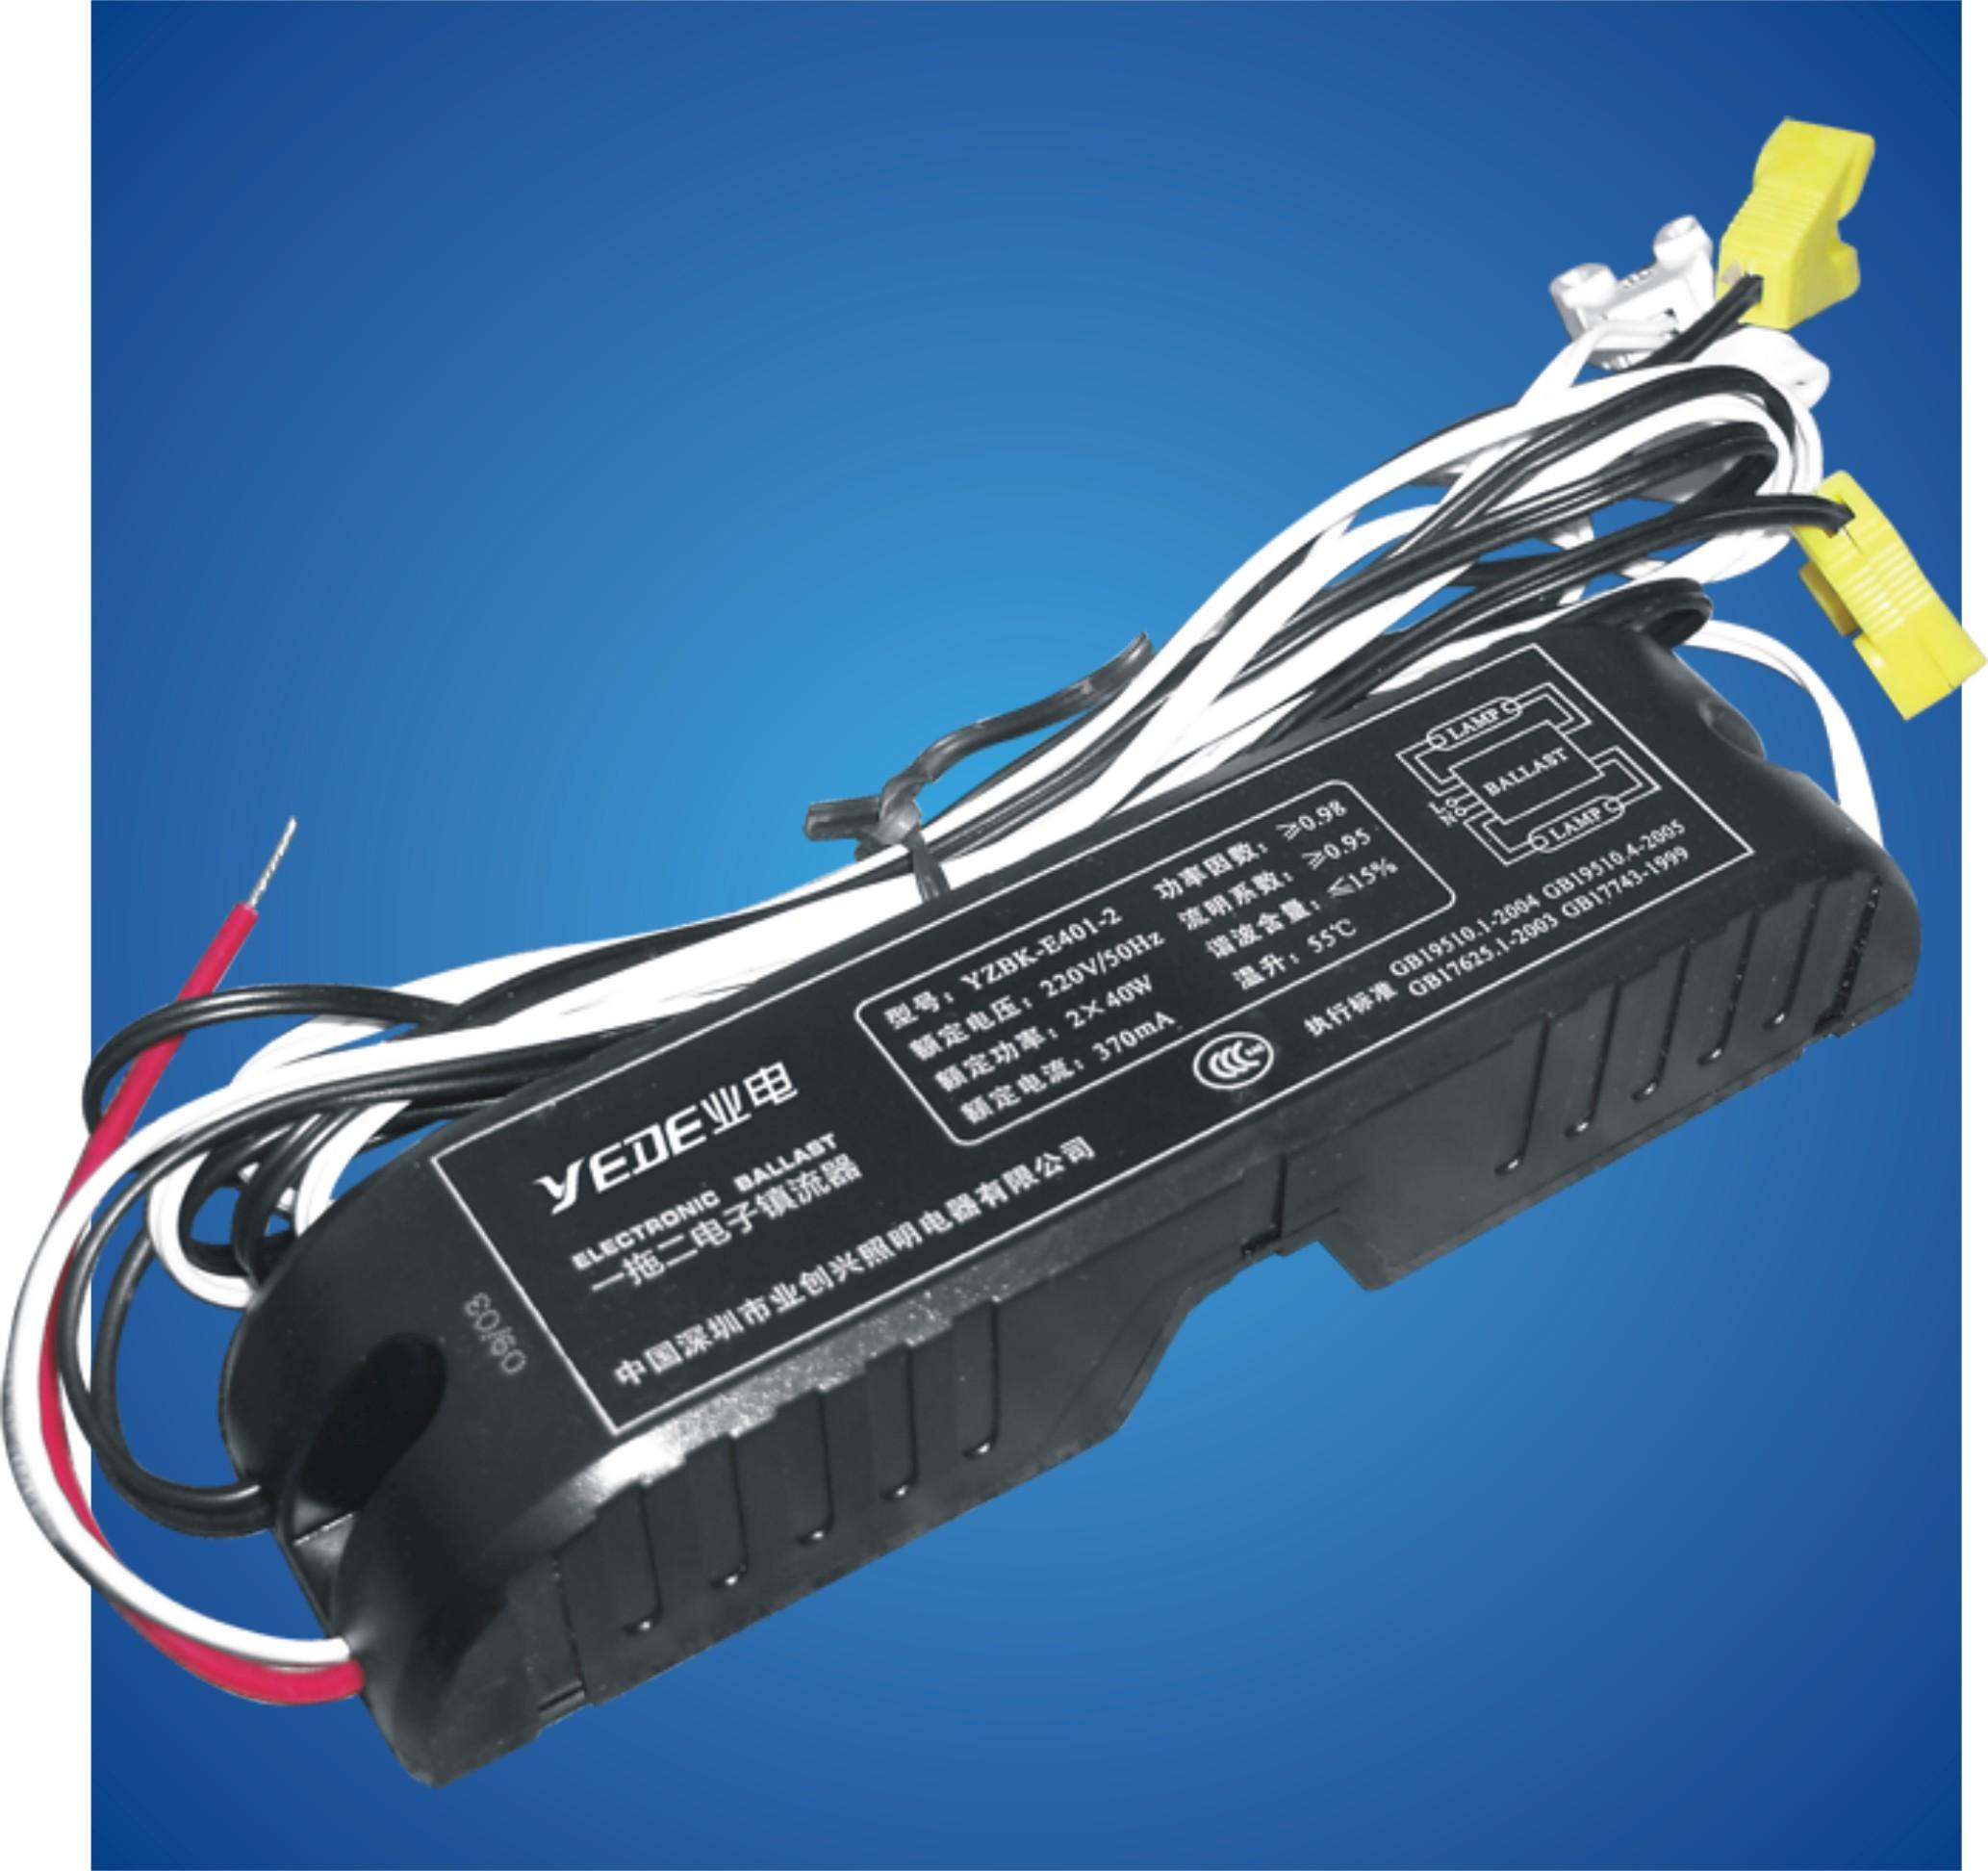 业电照明 深圳业电照明 -电子灯箱接线图 led电子灯箱接线图 电子灯